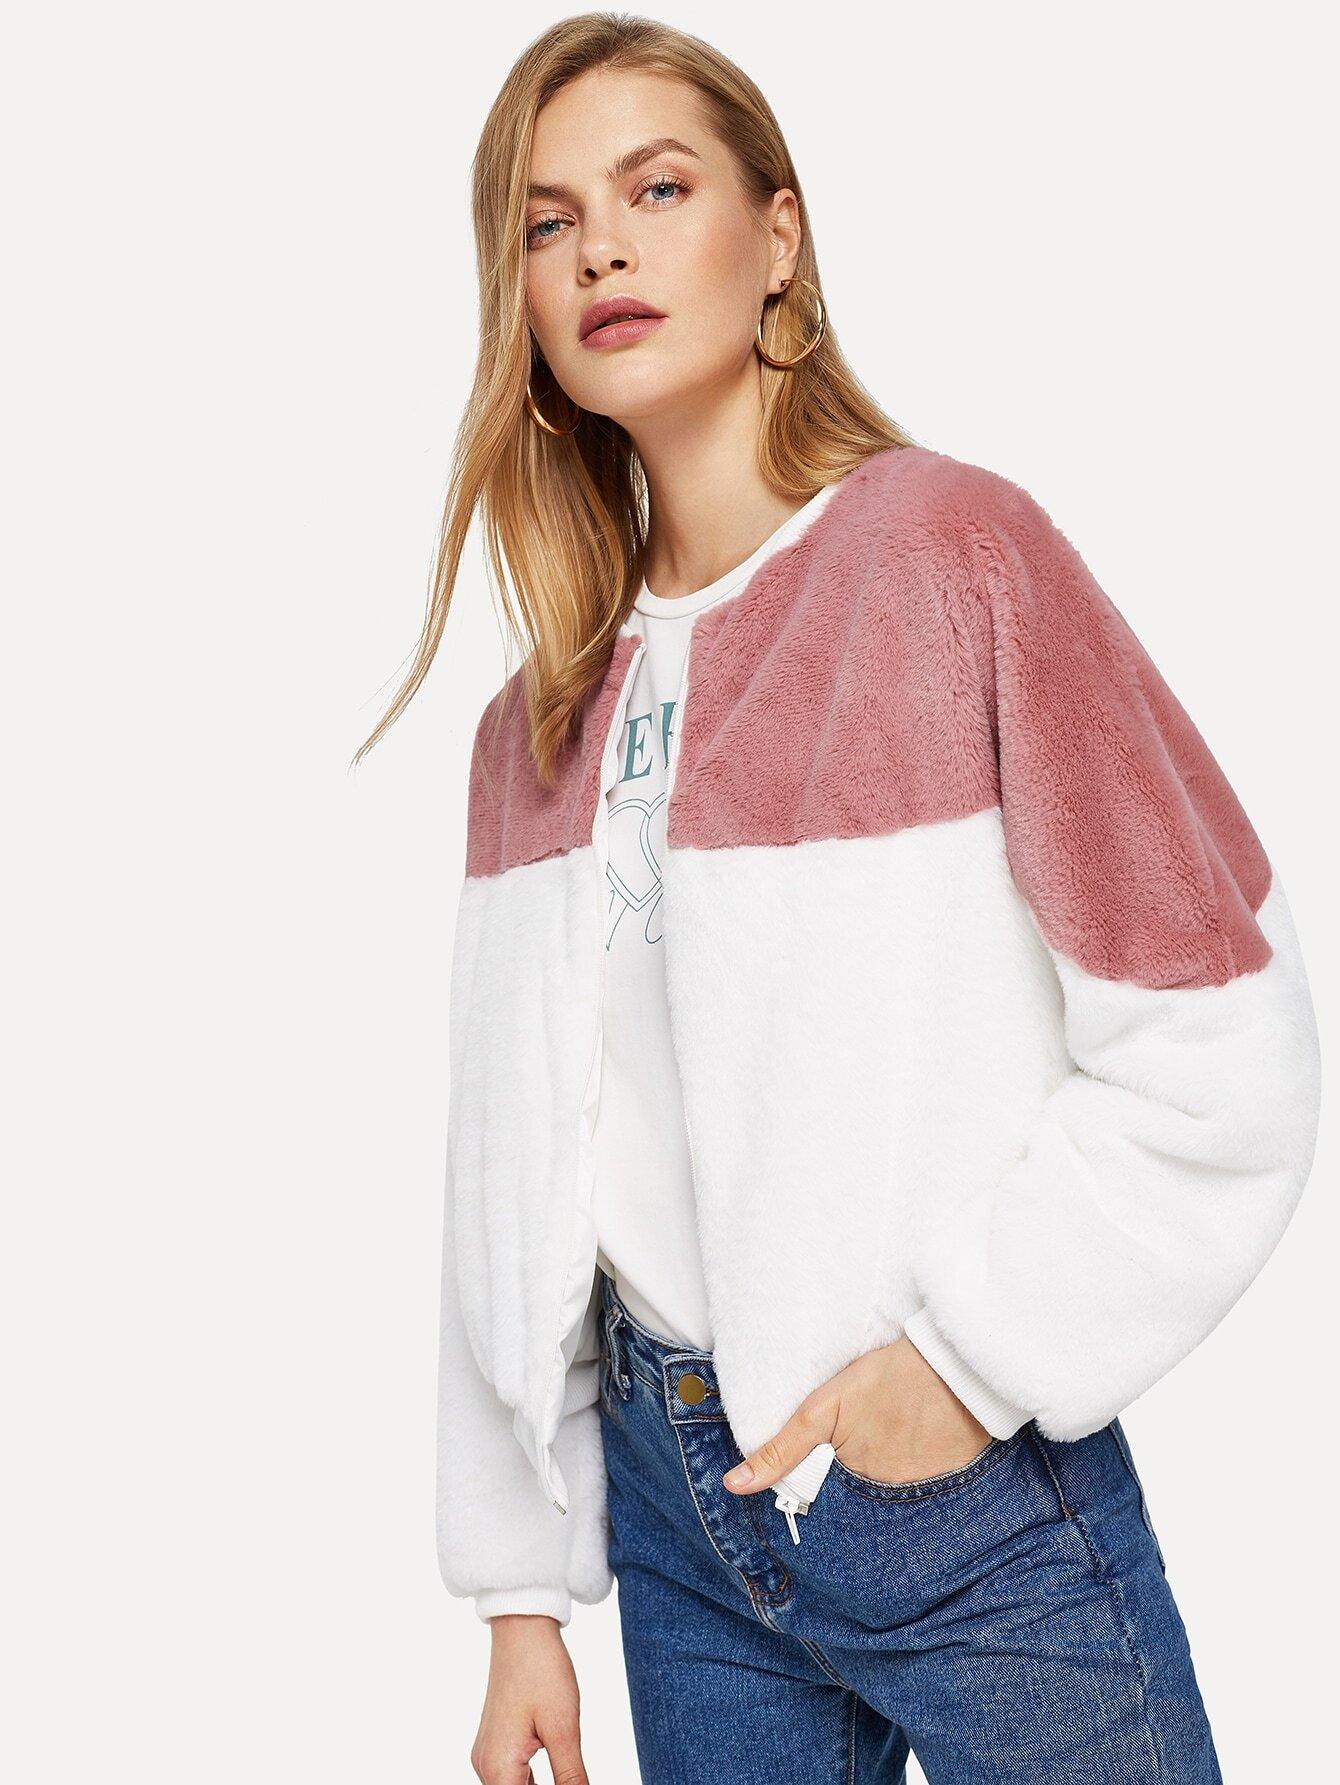 Контрастная пушистая куртка на молнии, Kate C, SheIn  - купить со скидкой